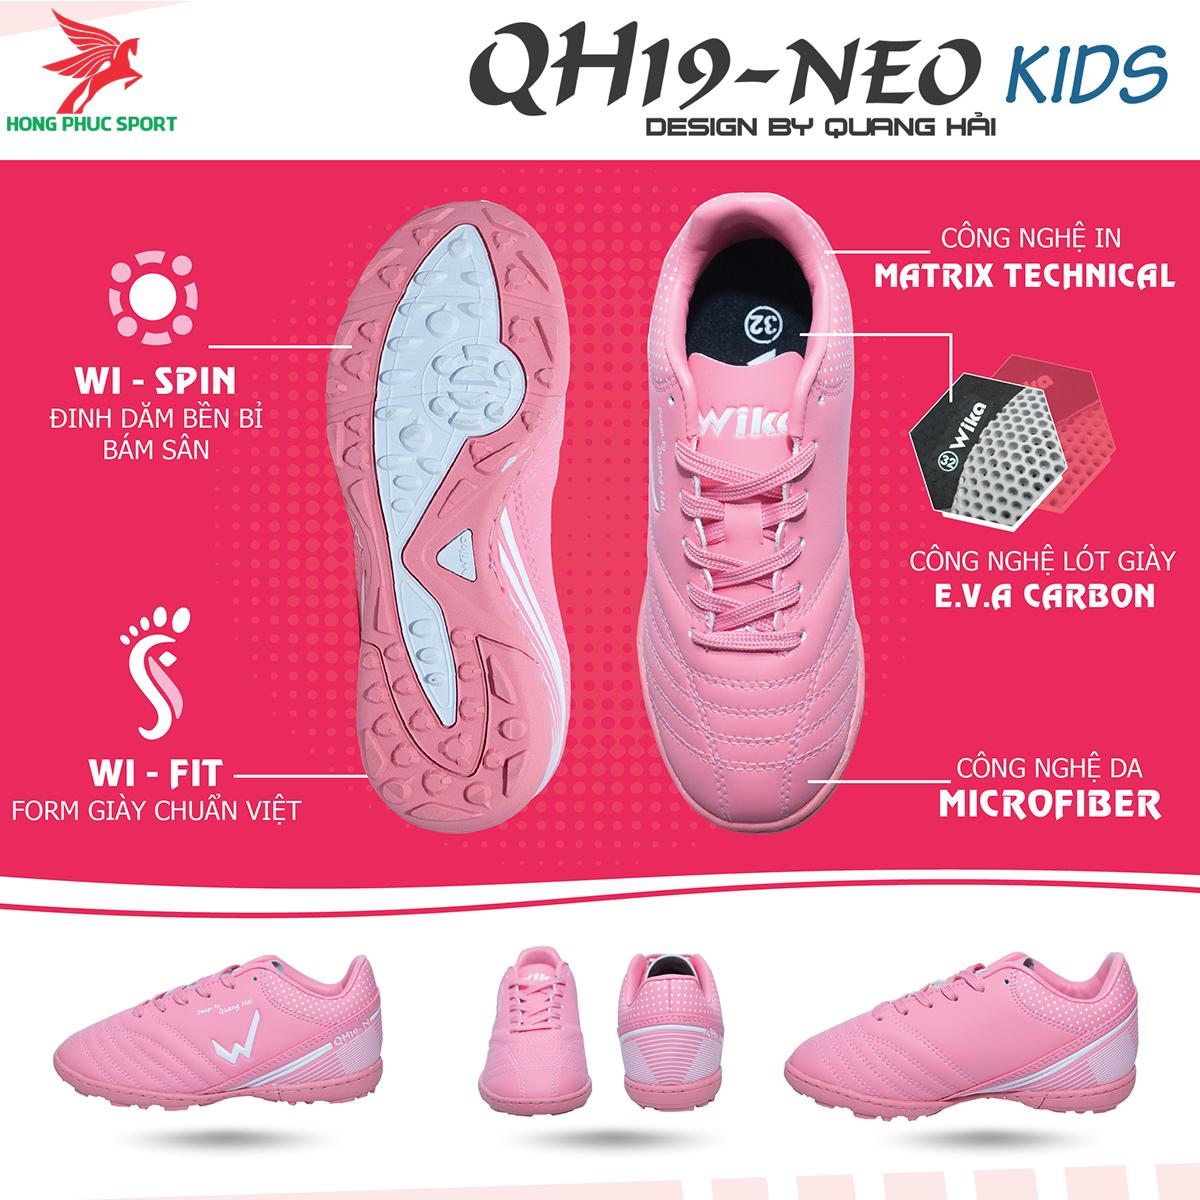 https://cdn.hongphucsport.com/unsafe/s4.shopbay.vn/files/285/giay-da-bong-wika-qh19-neo-kids-mau-hong-1-60594fd0b1019.png